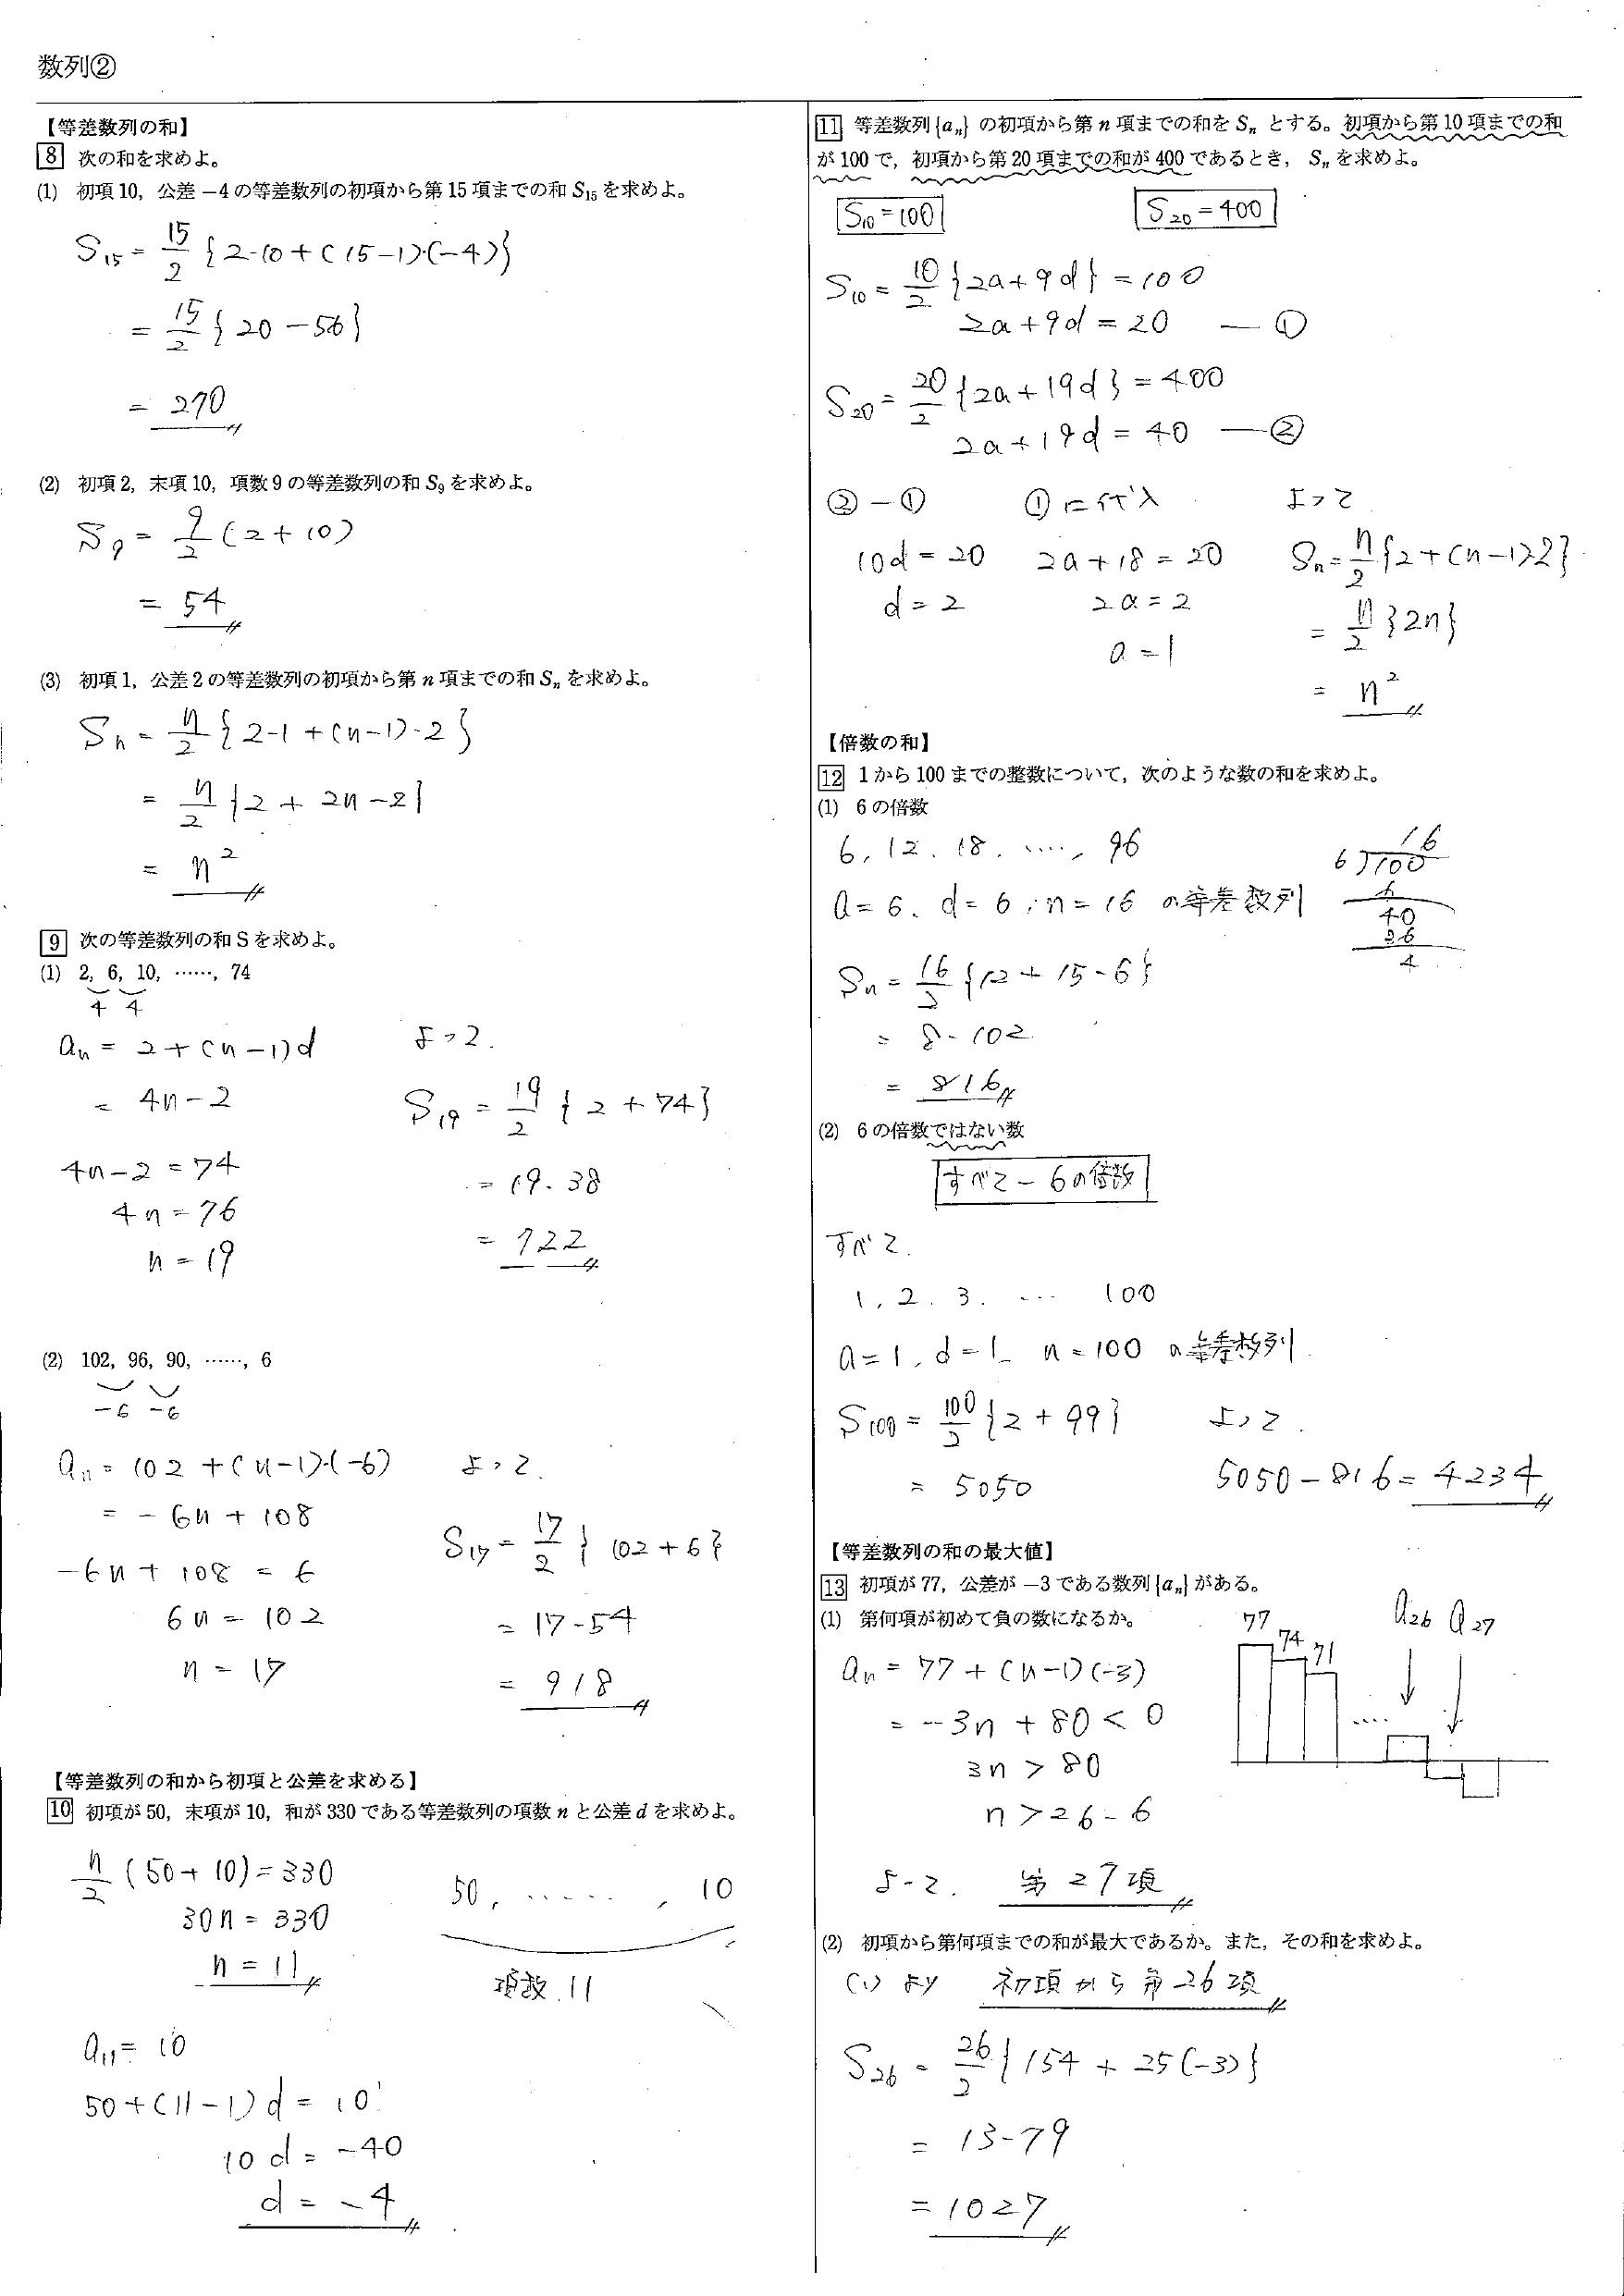 数列 問題 解答 教科書 まとめ 一覧